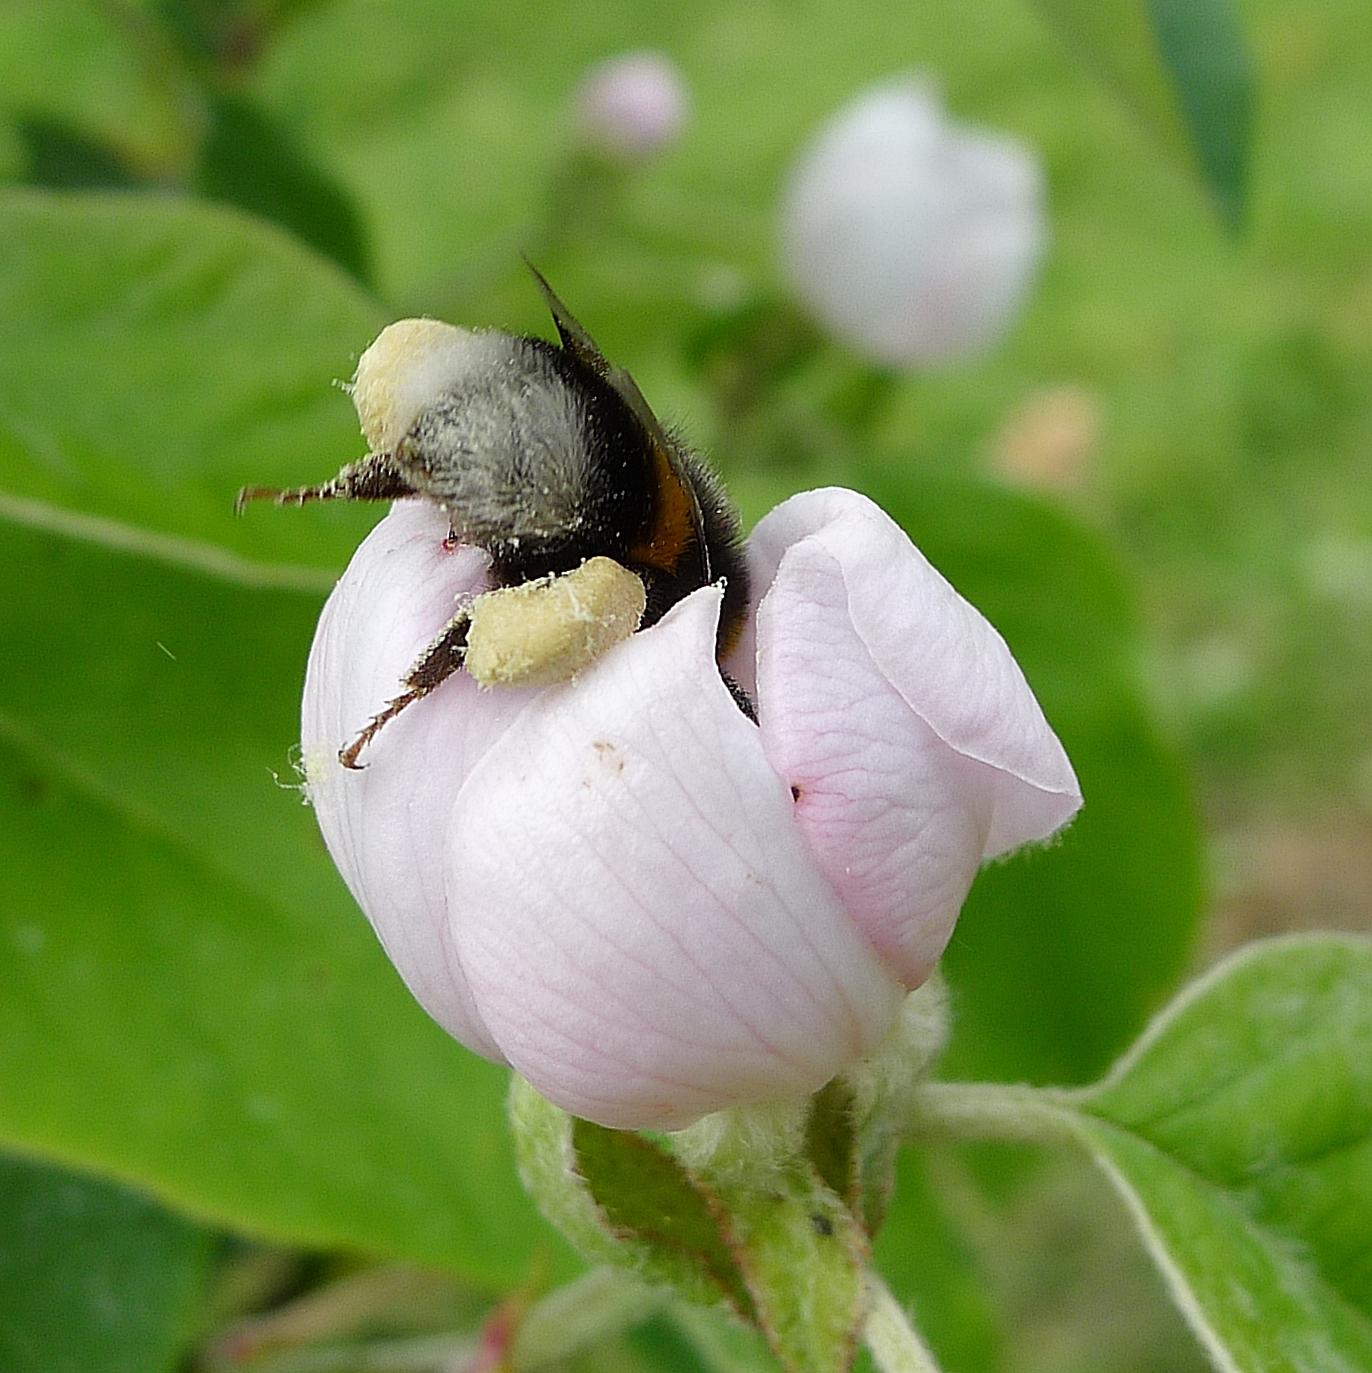 07_mit-Pollenhöschen-in-Quittenblüte